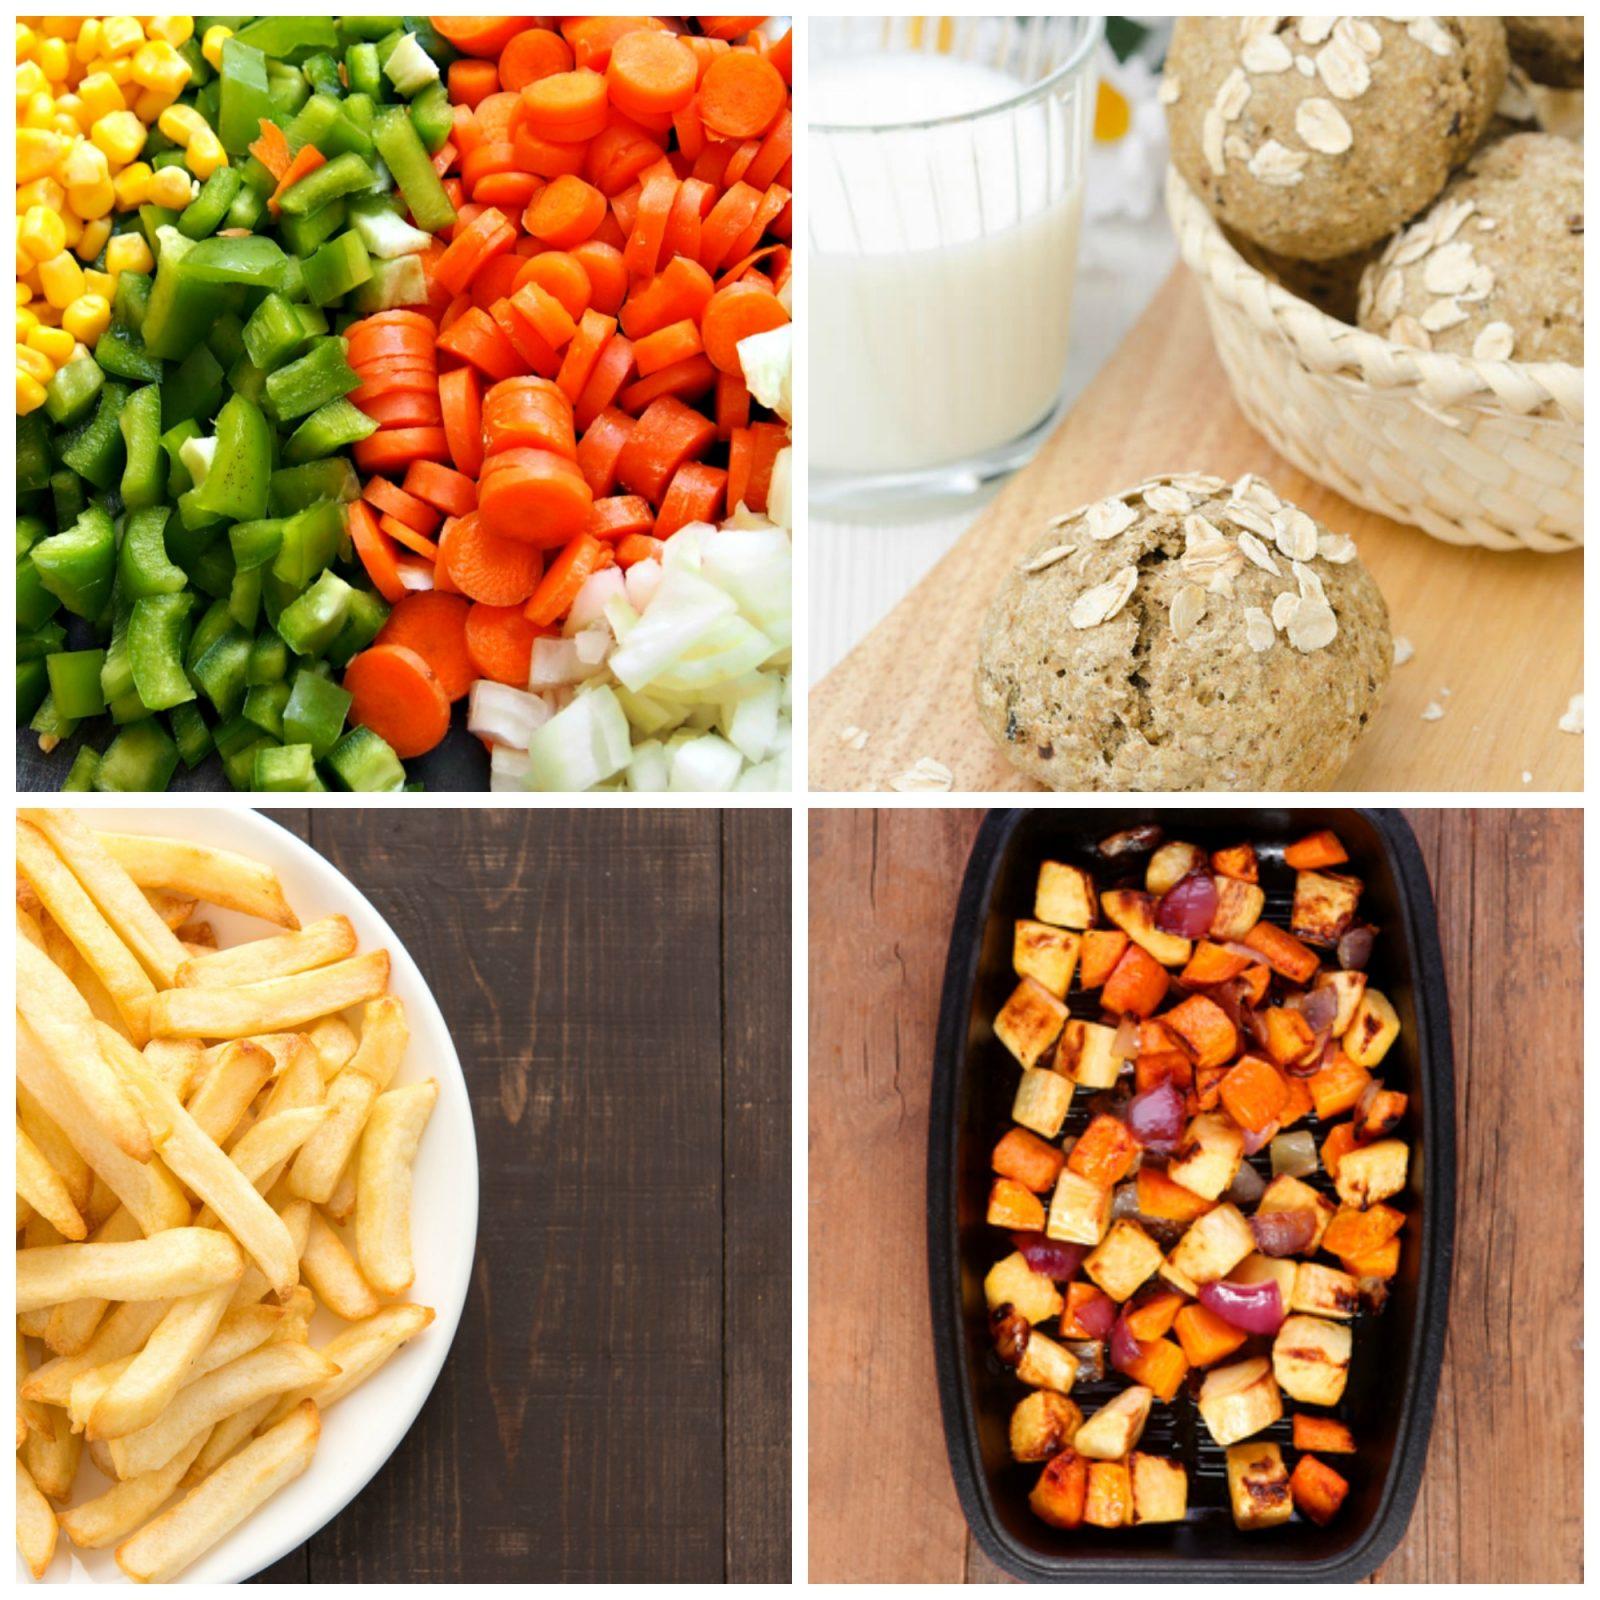 hjerte og karsykdommer kosthold